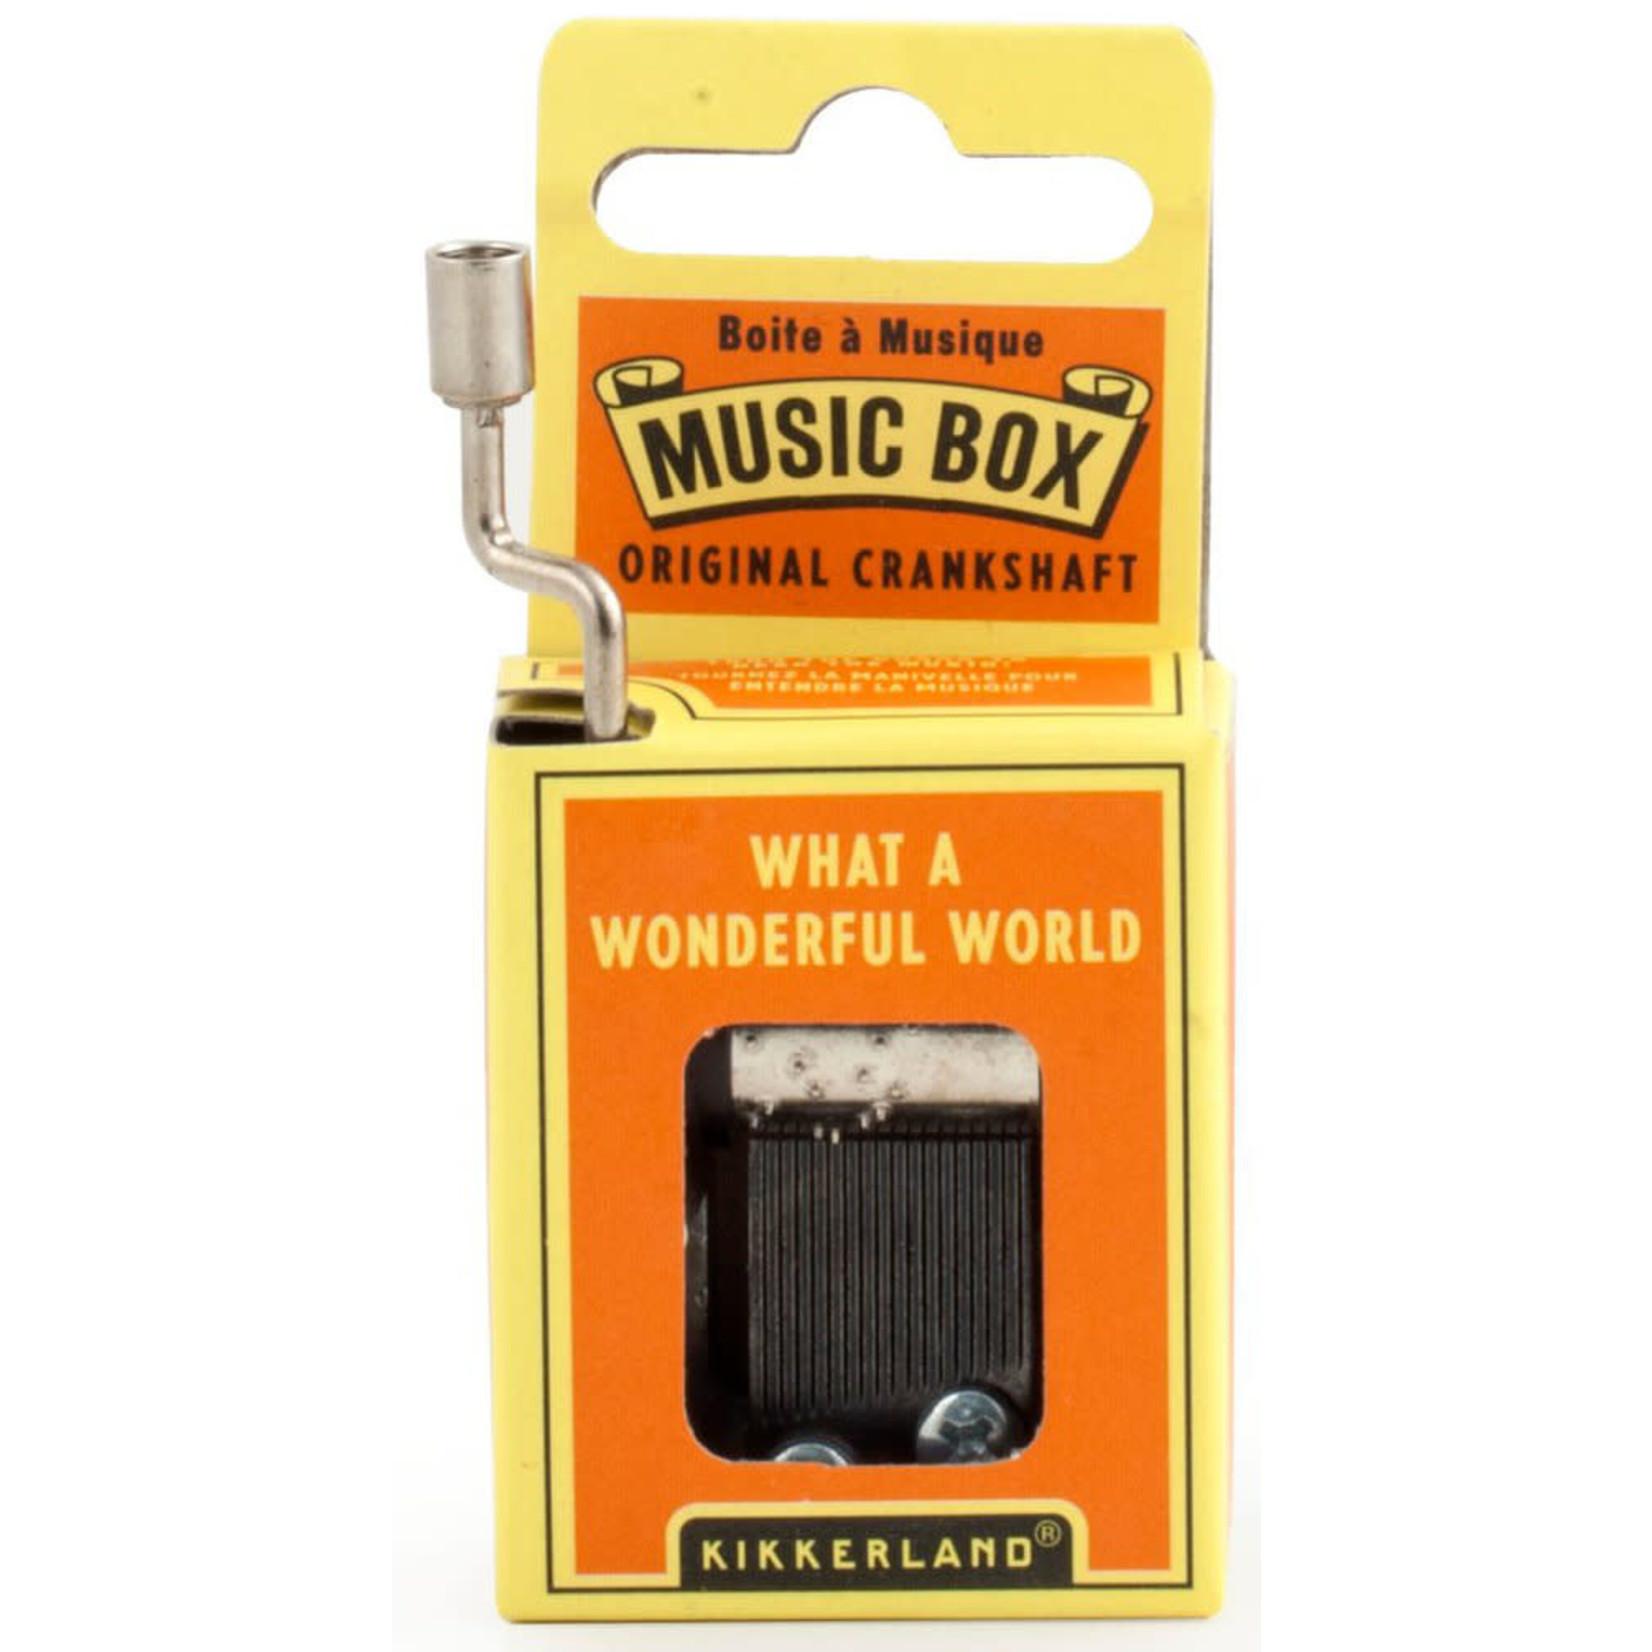 KIKKERLAND WHAT A WONDERFUL WORLD MUSIC BOX